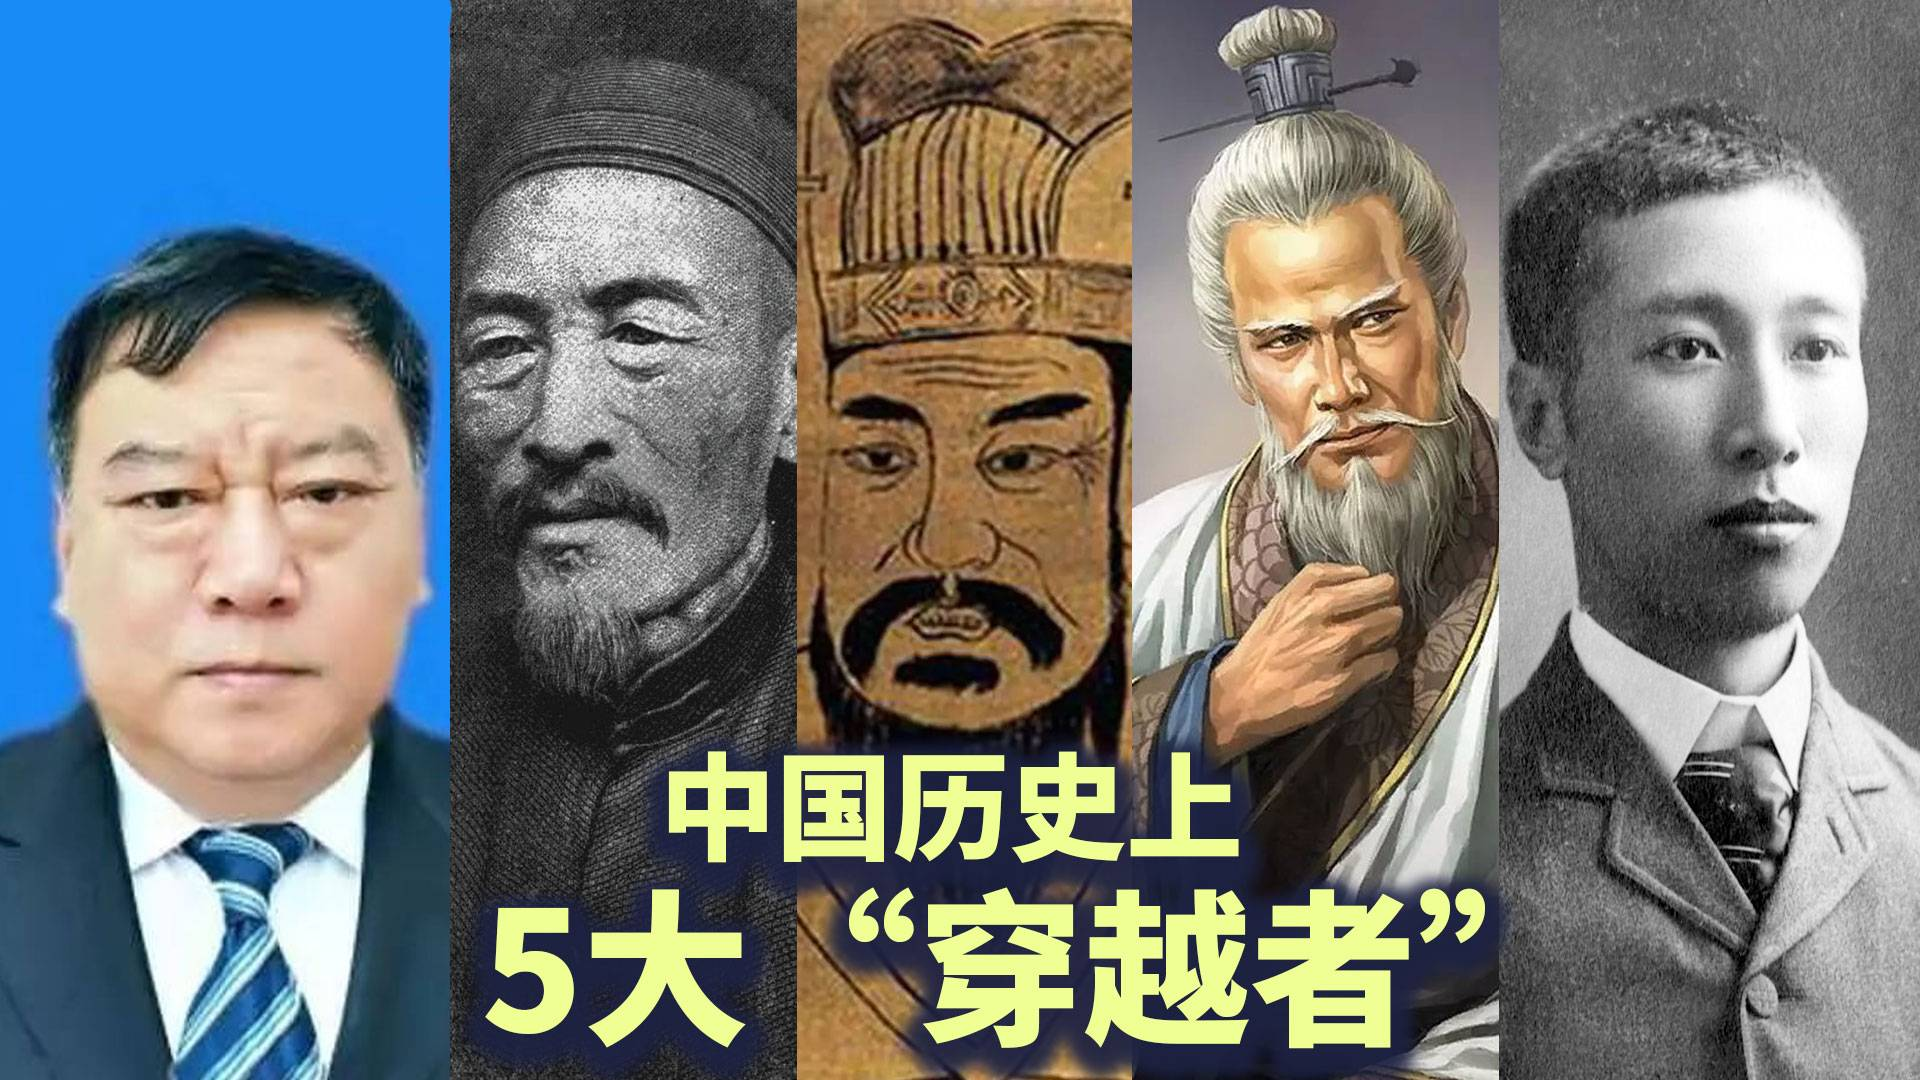 """5个历史上最被怀疑为""""穿越者""""的人,他们到底做了什么奇事?"""